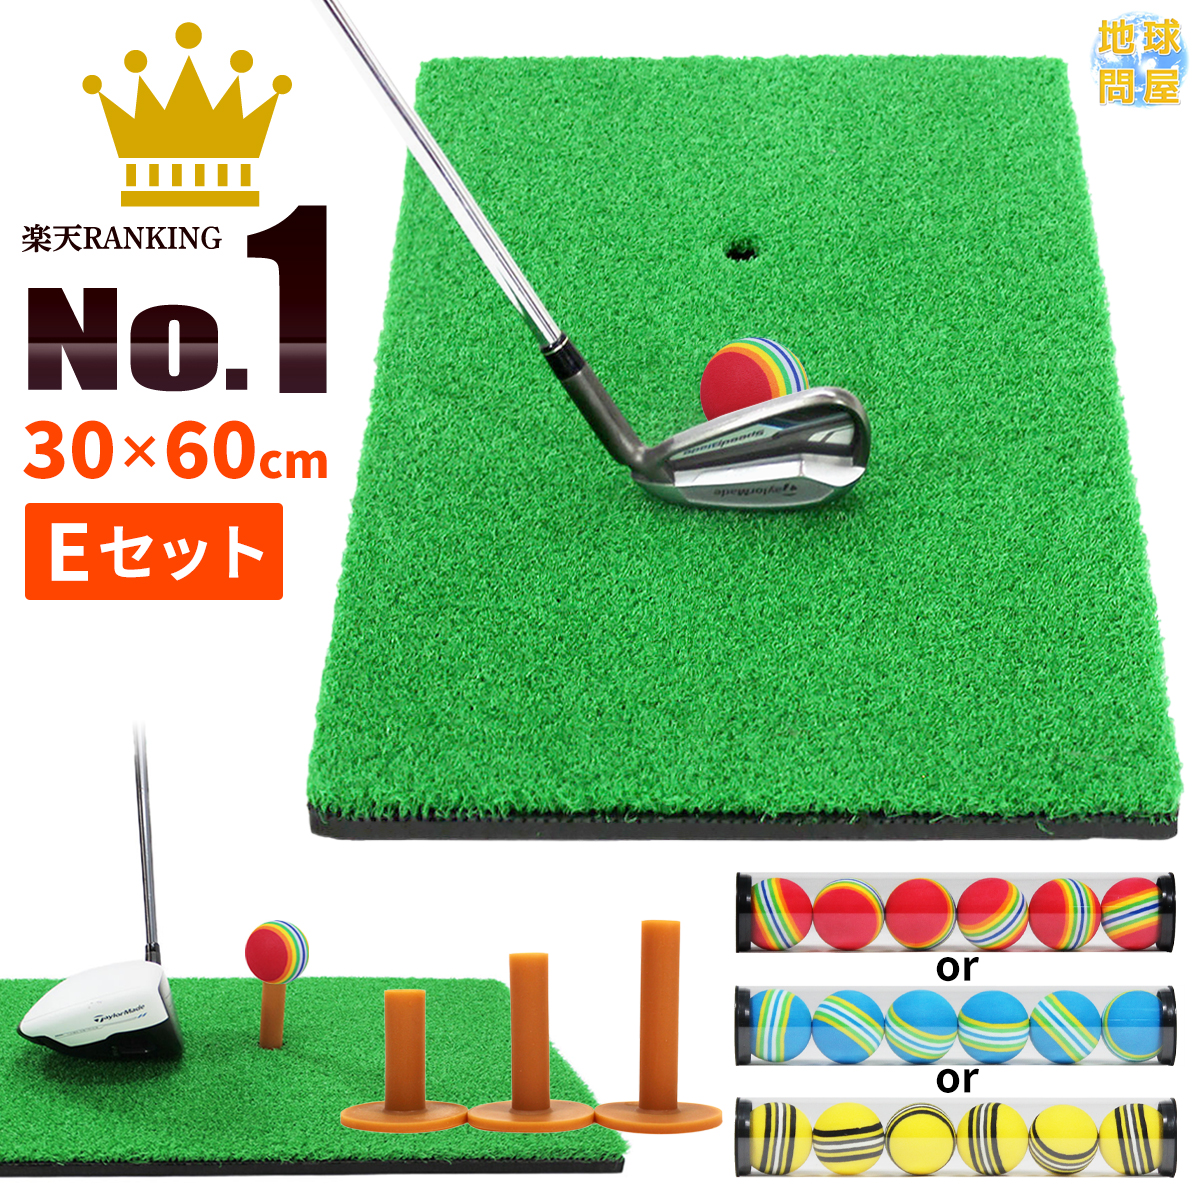 ゴルフ上達に リアルな芝感覚を追求したSBR土台の人工芝ゴルフ練習マットです EVAゴルフボールとゴムティーが付いたお得なセットです 新登場 ゴルフ 練習 Eセット 30×60cm スイング SBR ついに入荷 マット